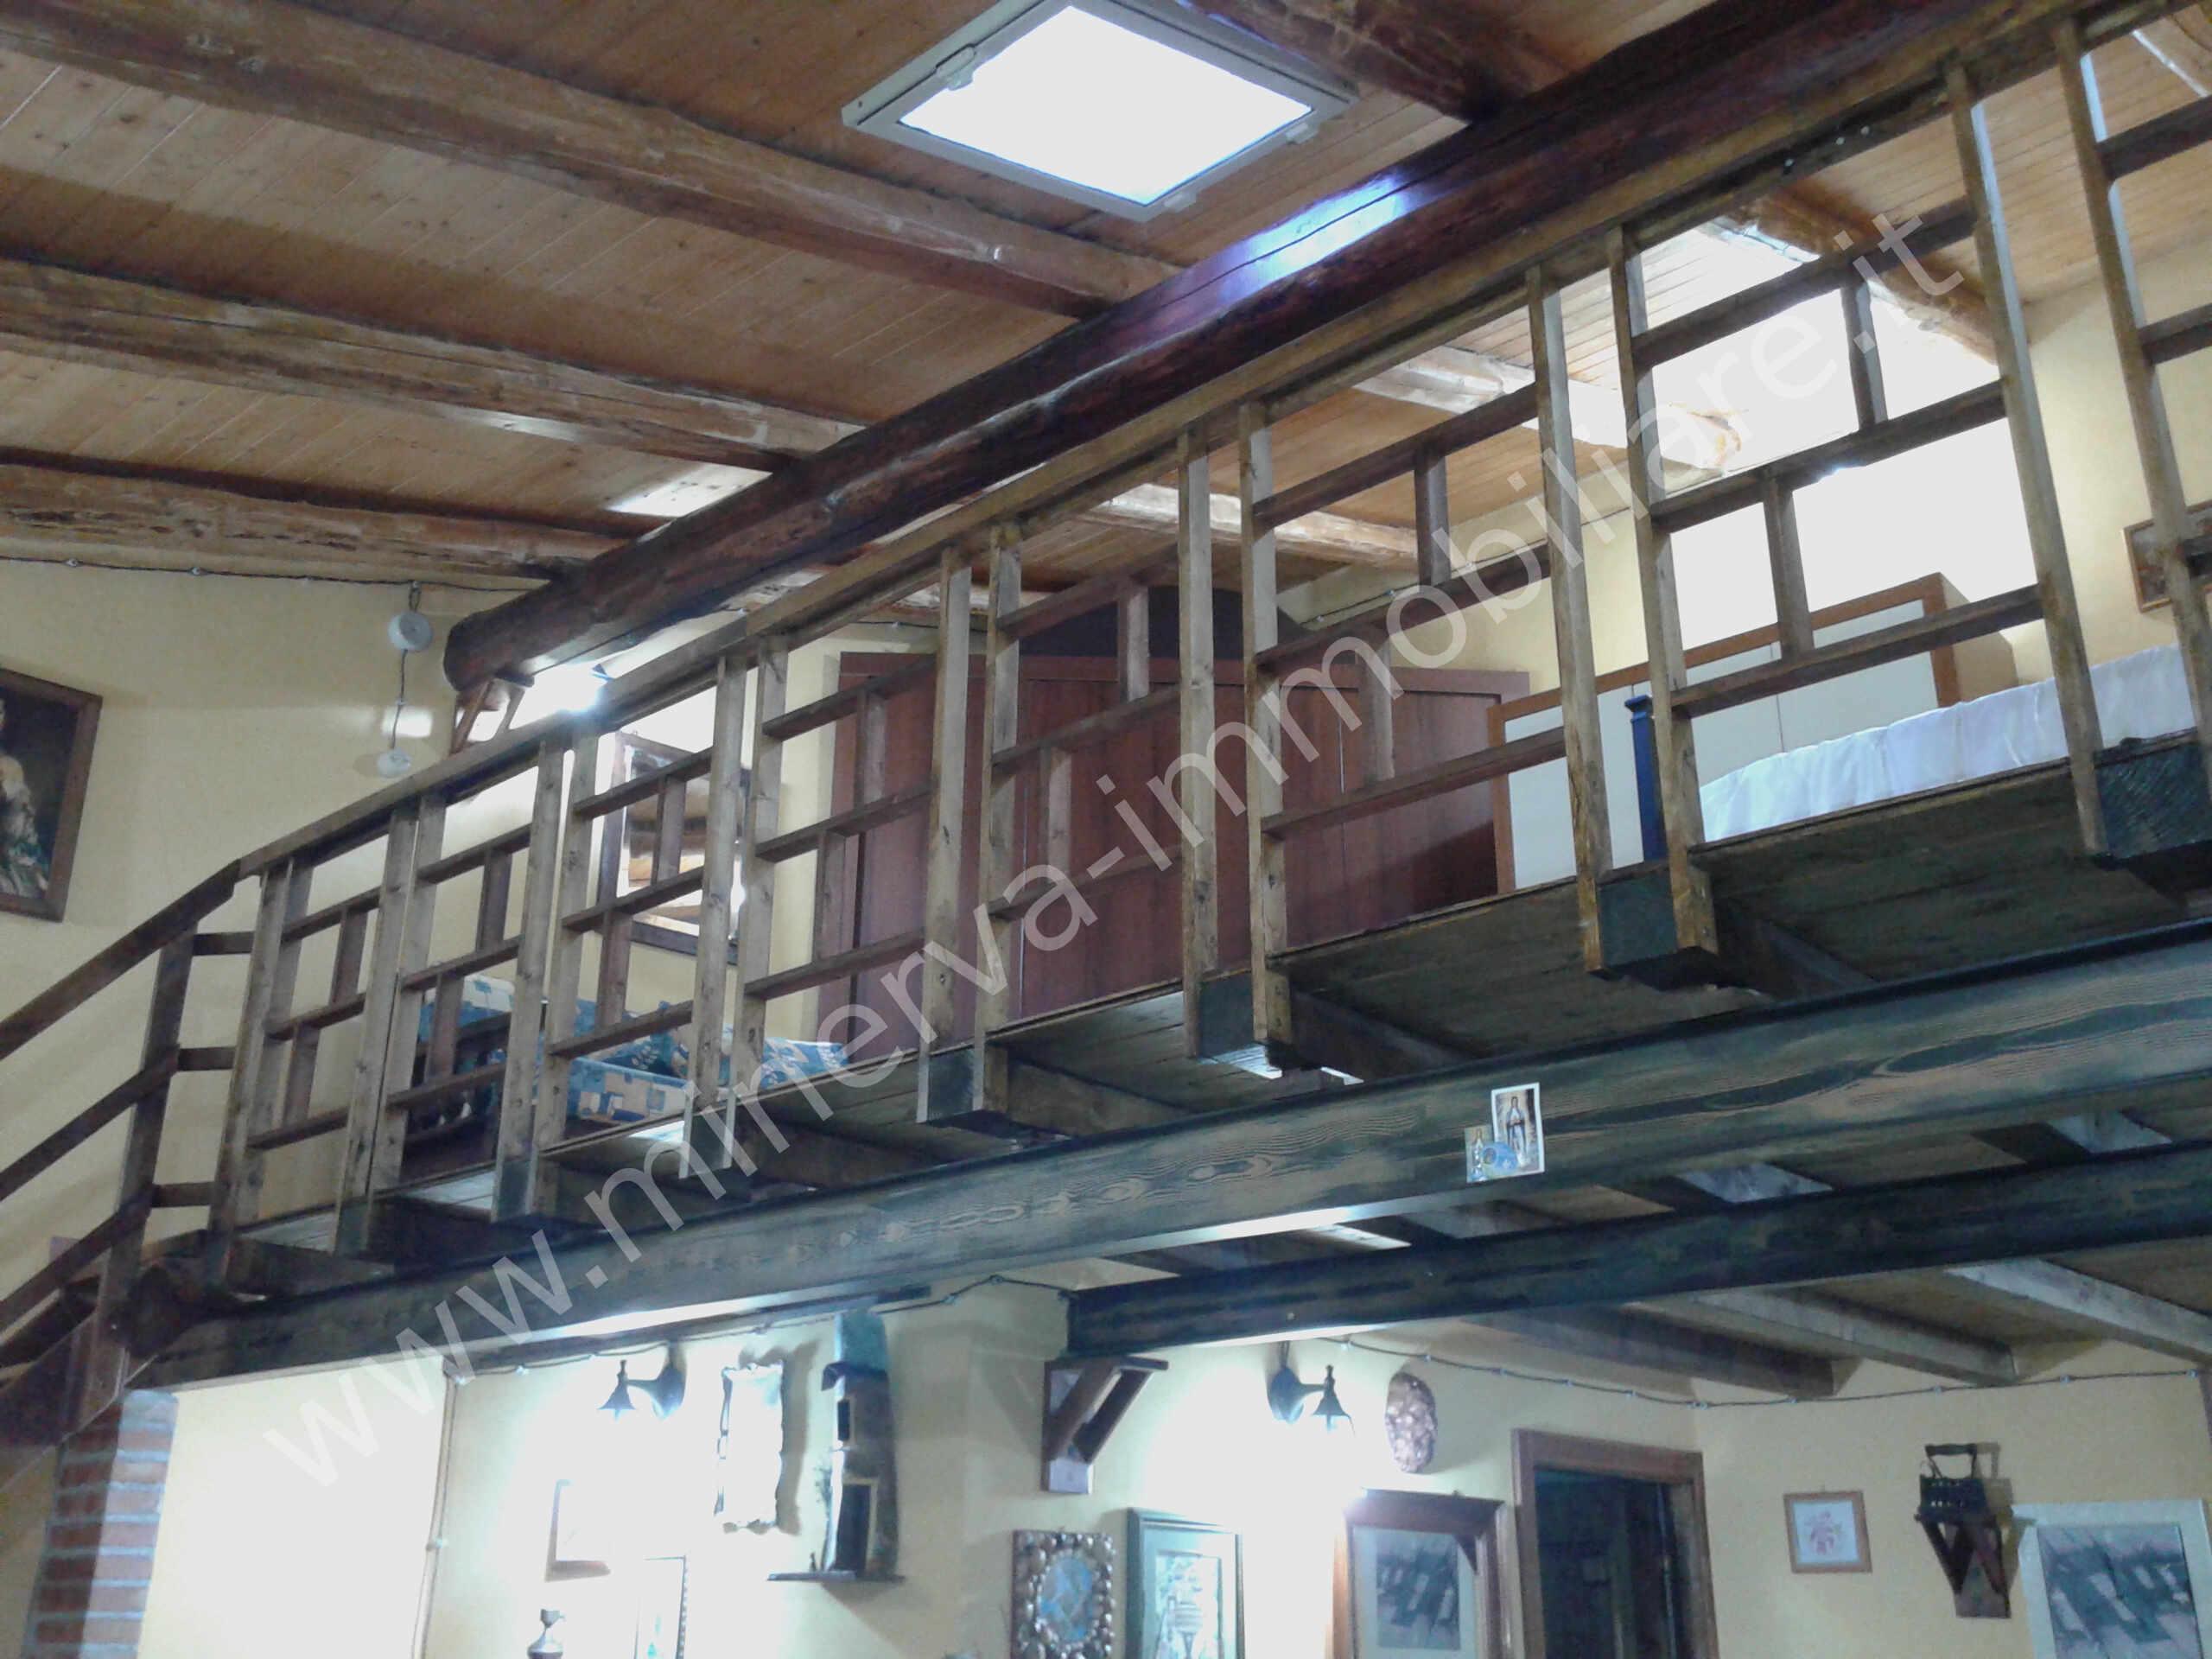 Casa arredata in vendita Carlentini